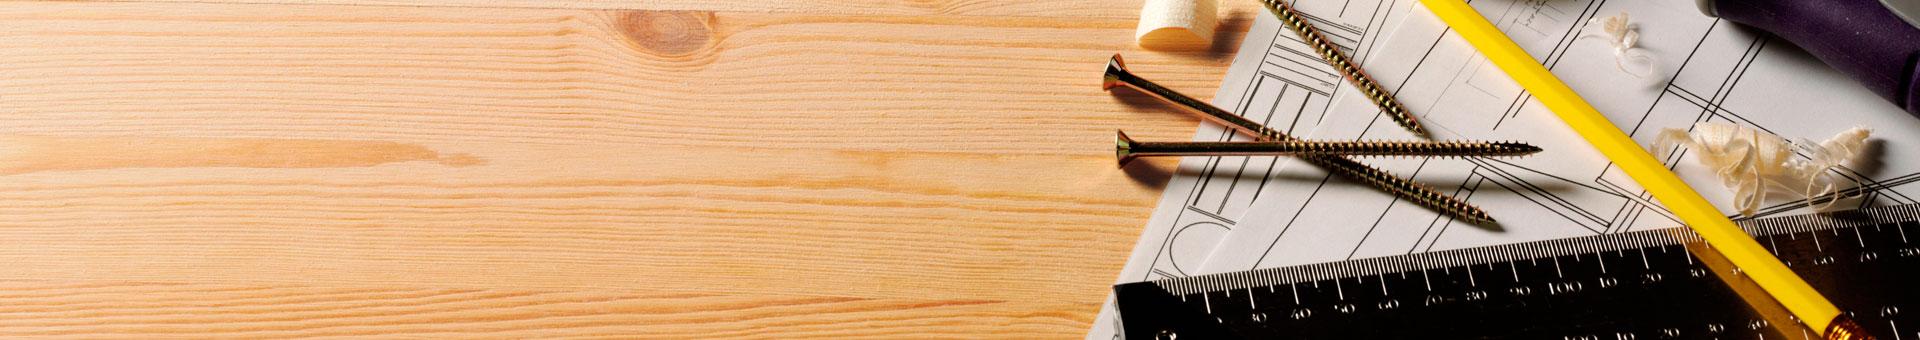 Muebles de cocina en Mallorca | Fustería DIPEP